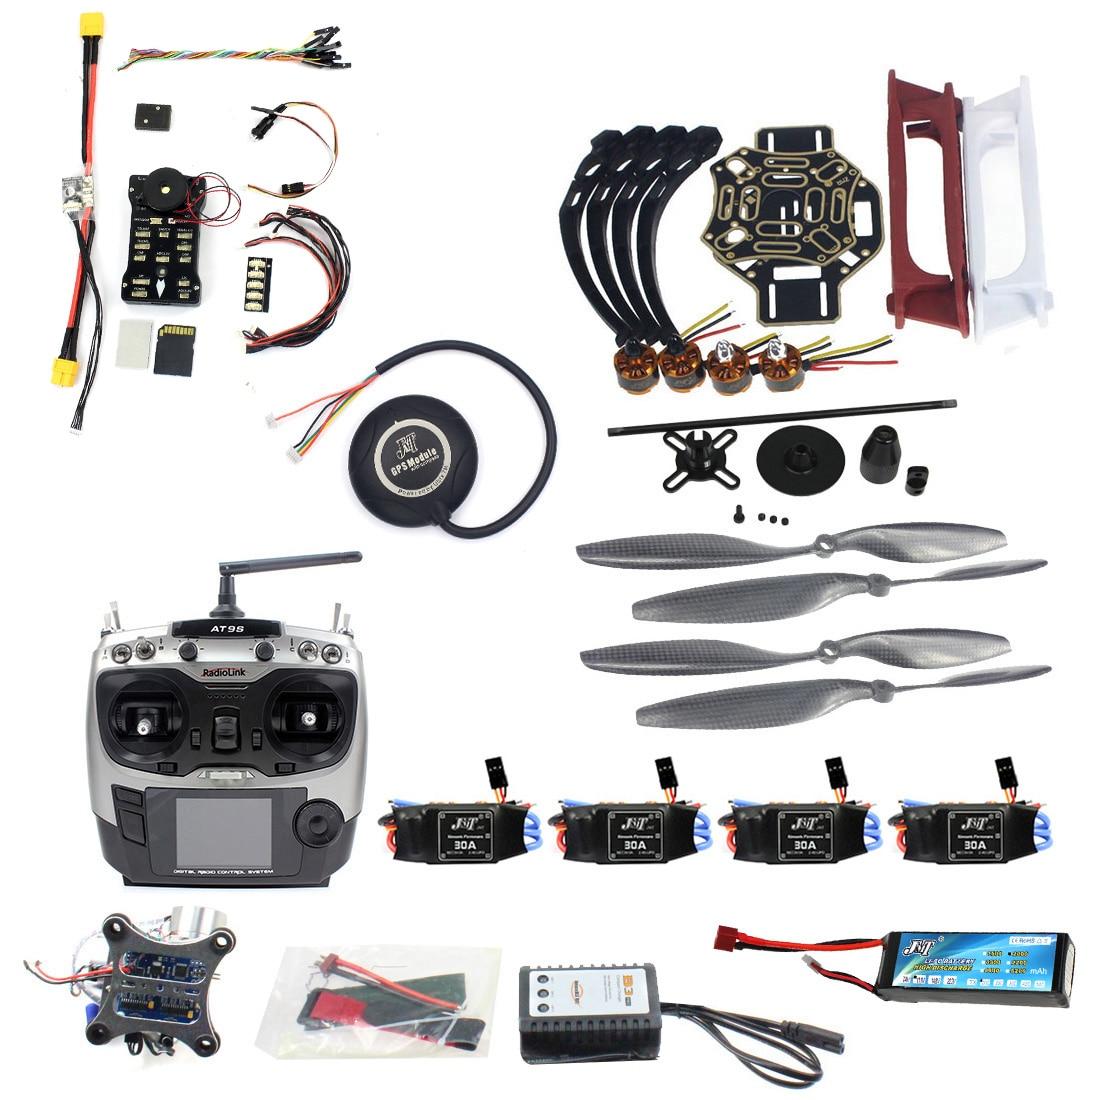 Diy rc fpv zangão kit 4-axis quadcopter com f450 quadro pixhawk pxi px4 controle de vôo 920kv motor gps at9s transmissor receptor